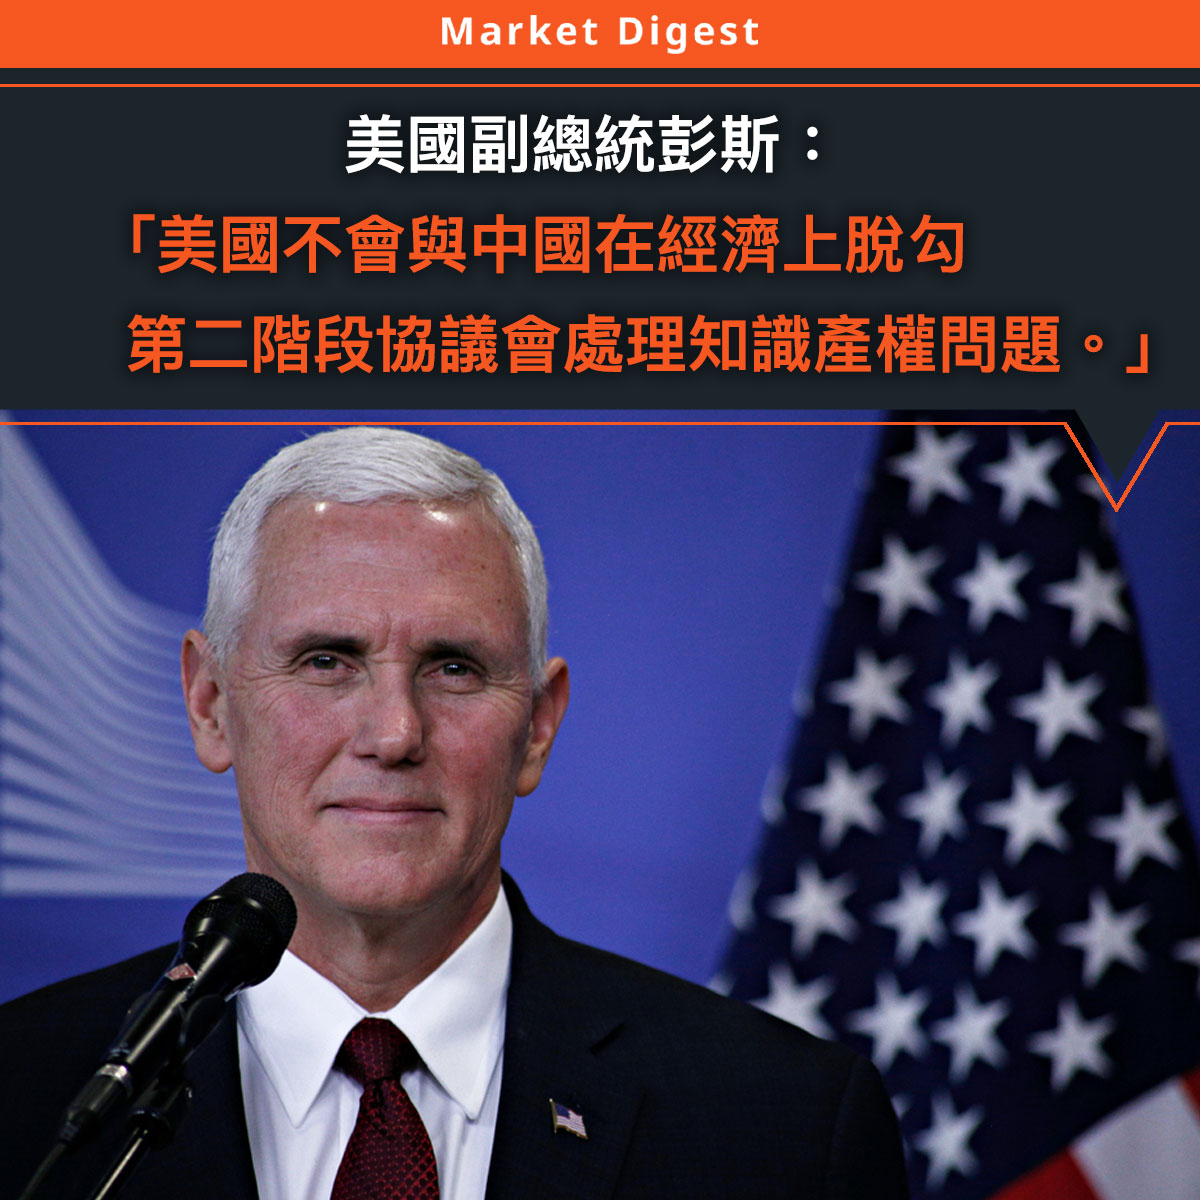 【市場熱話】彭斯:「美國不會與中國在經濟上脫勾,第二階段協議會處理知識產權問題。」